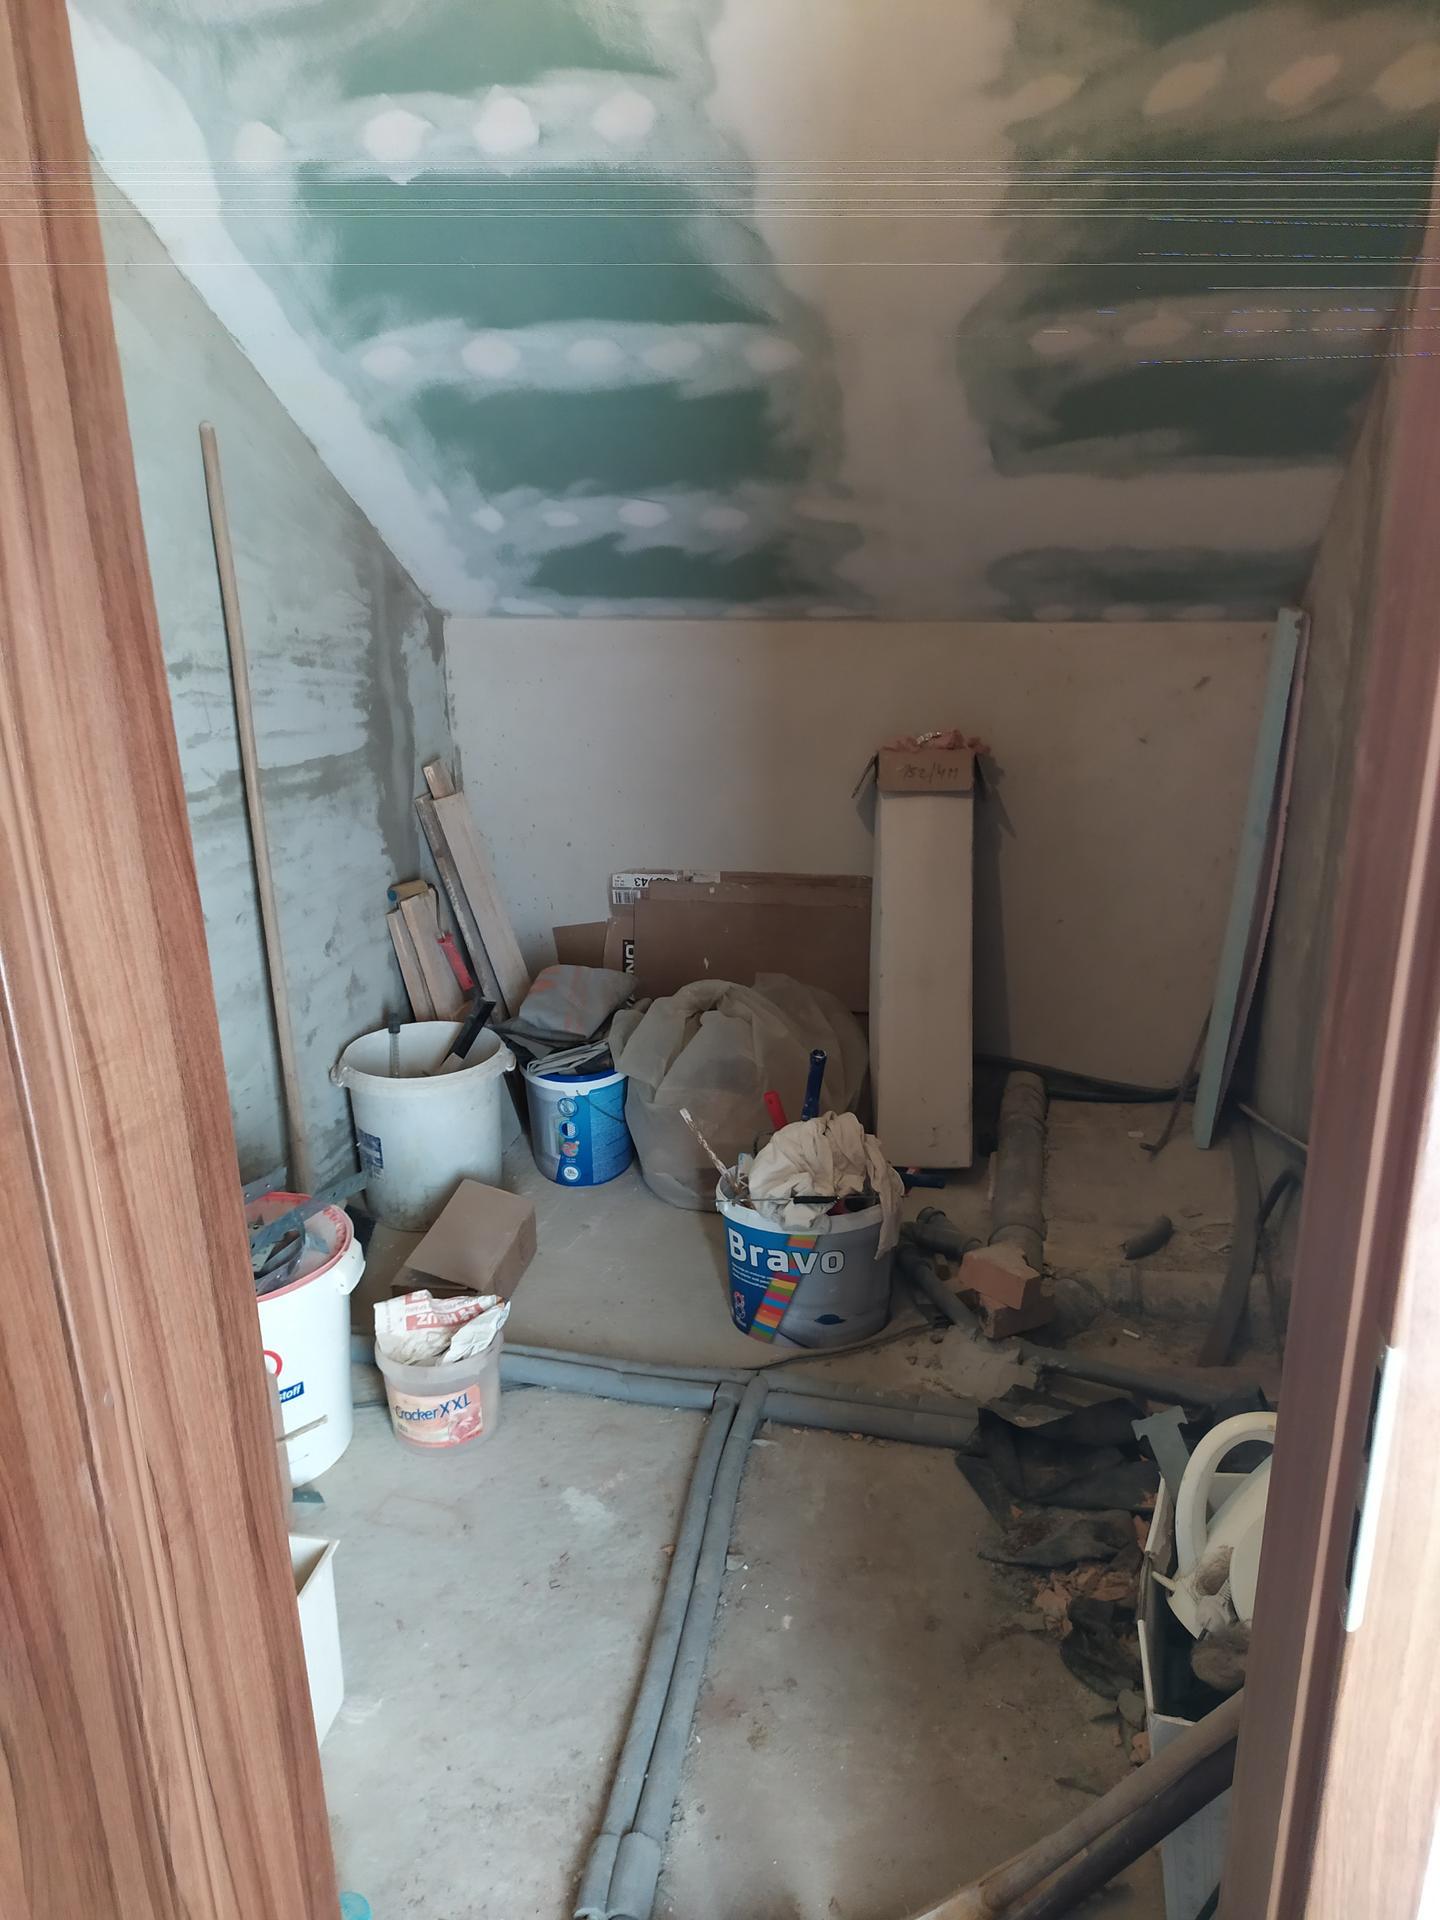 Podkrovní koupelna - poraďte, kam, co dát. - Obrázek č. 7